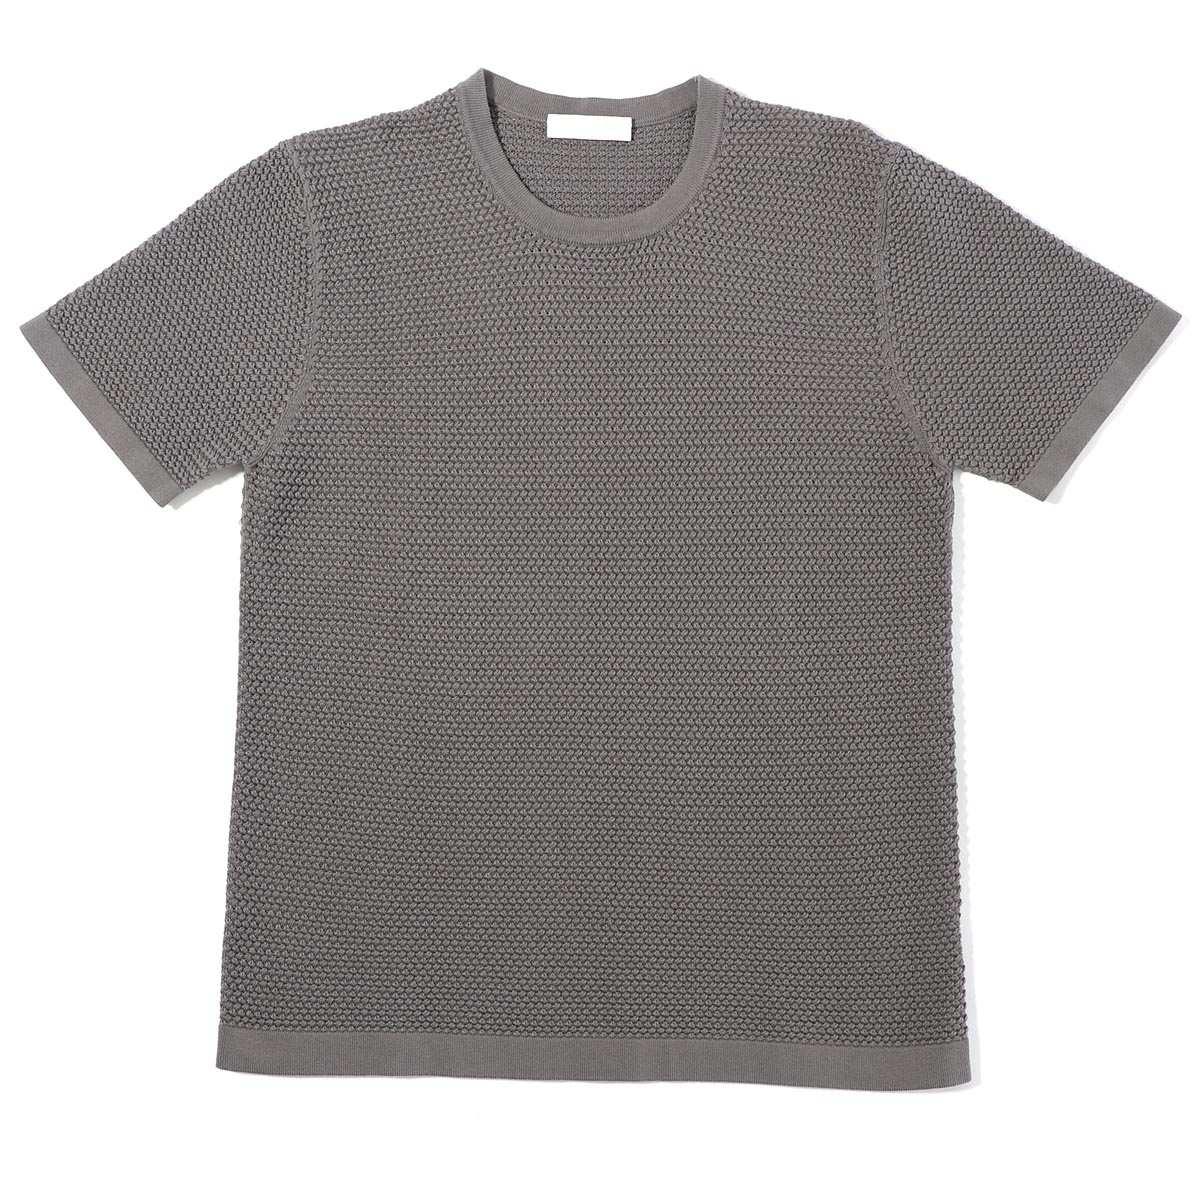 【アウトレット】Cruciani クルチアーニ 半袖ニットTシャツ メンズ